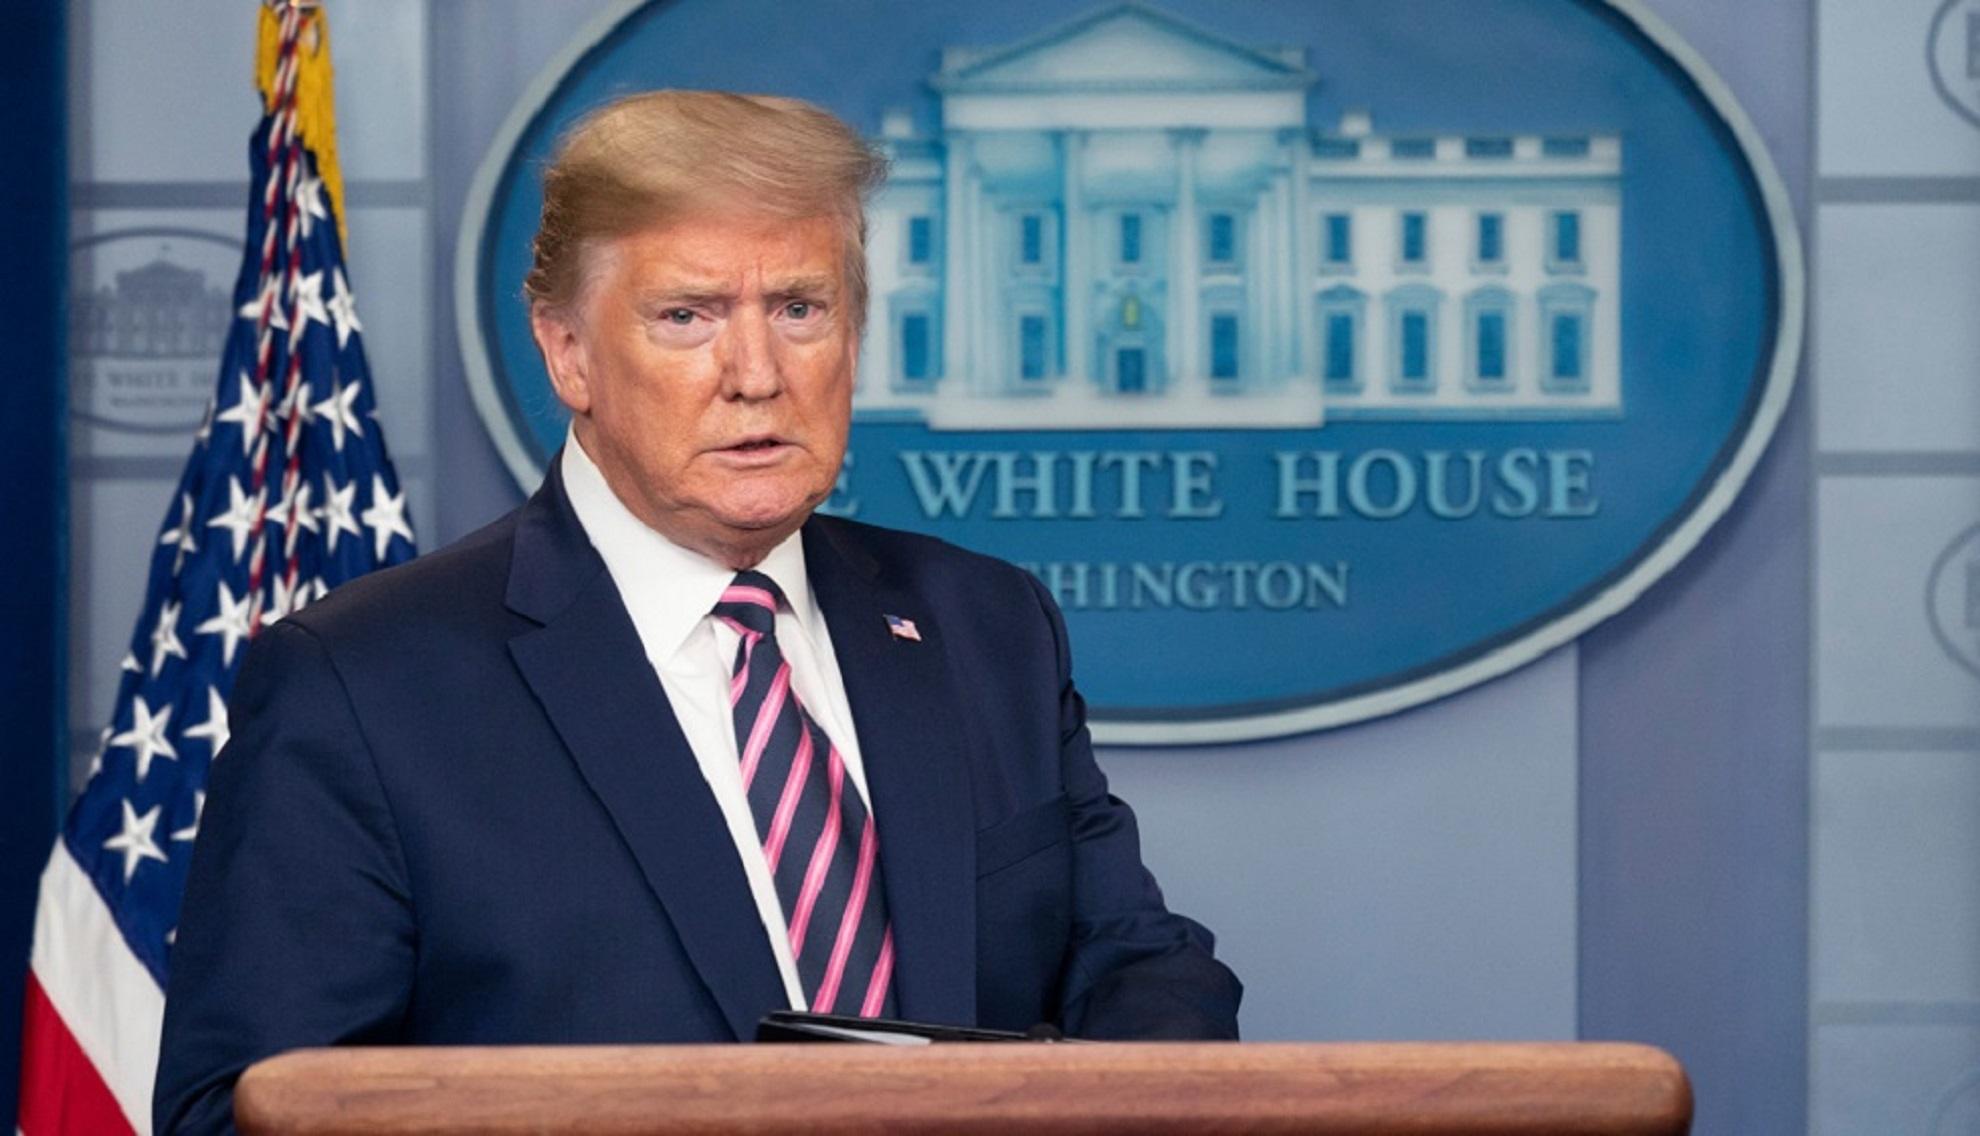 Donald Trump va semna un decret împotriva rețelelor sociale după ce Twitter l-a acuzat de răspândirea informațiilor false